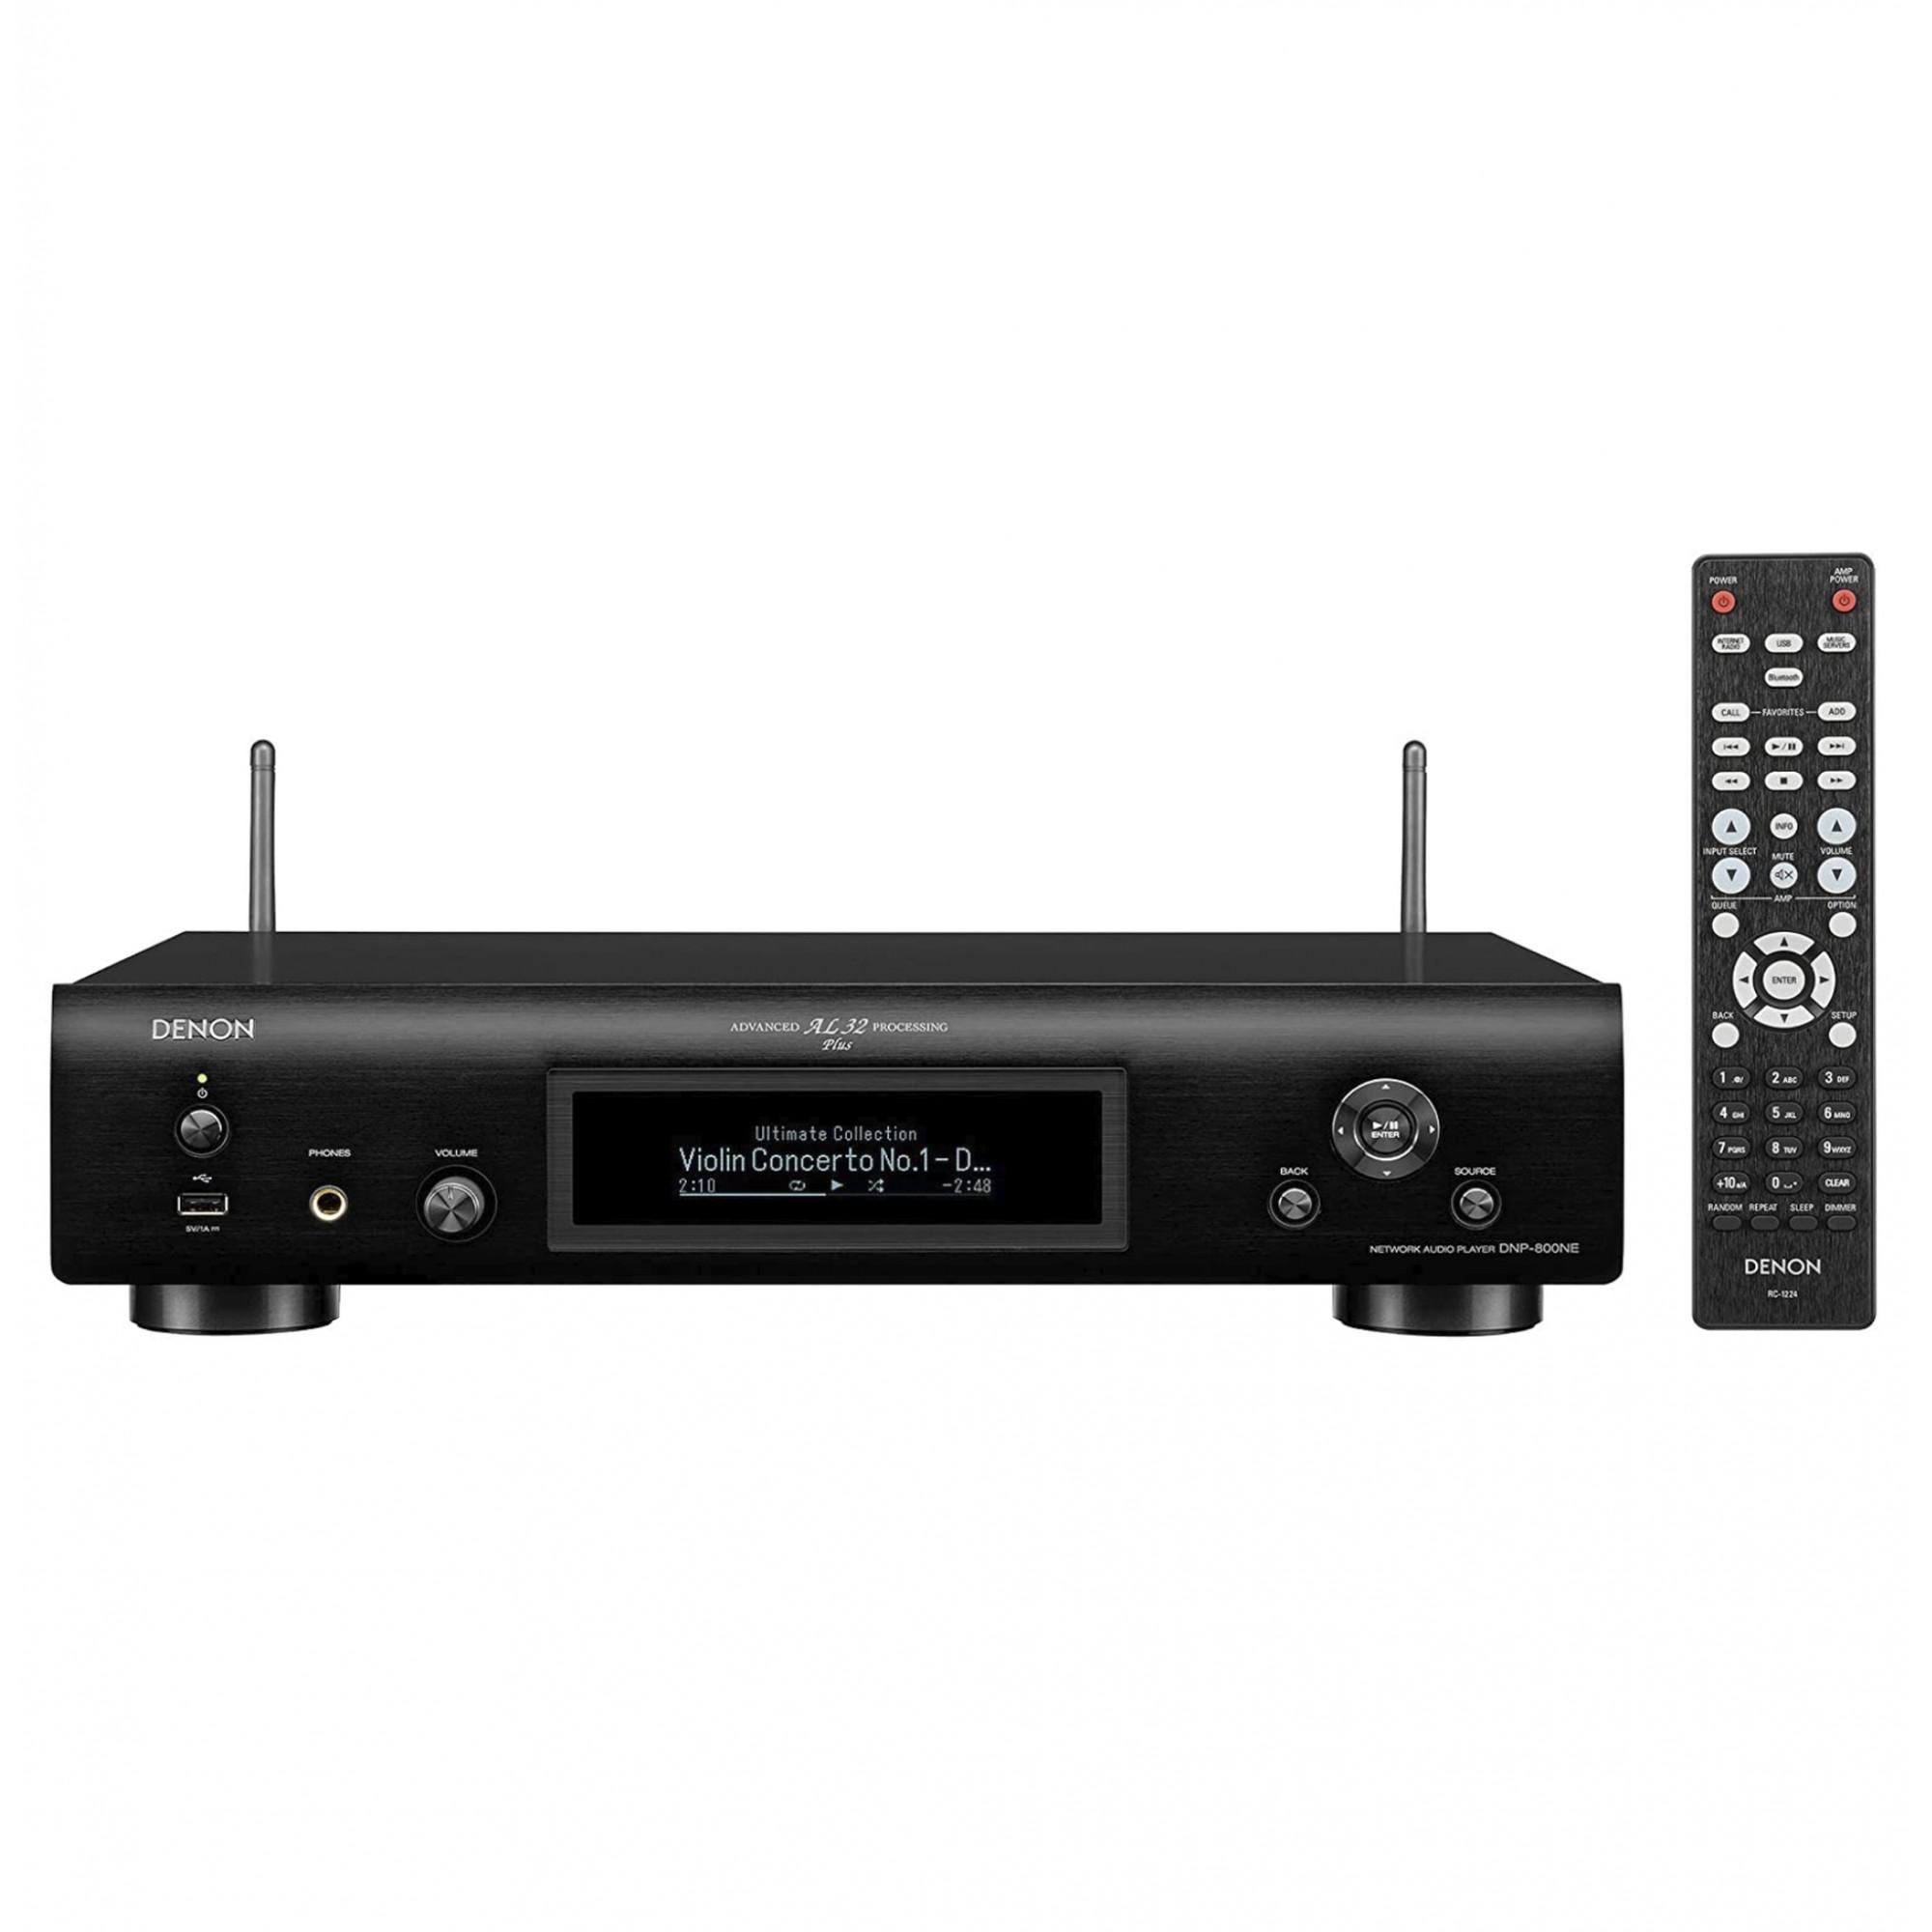 Denon Dnp-800ne Bluetooth Heos E Apple Airplay 2